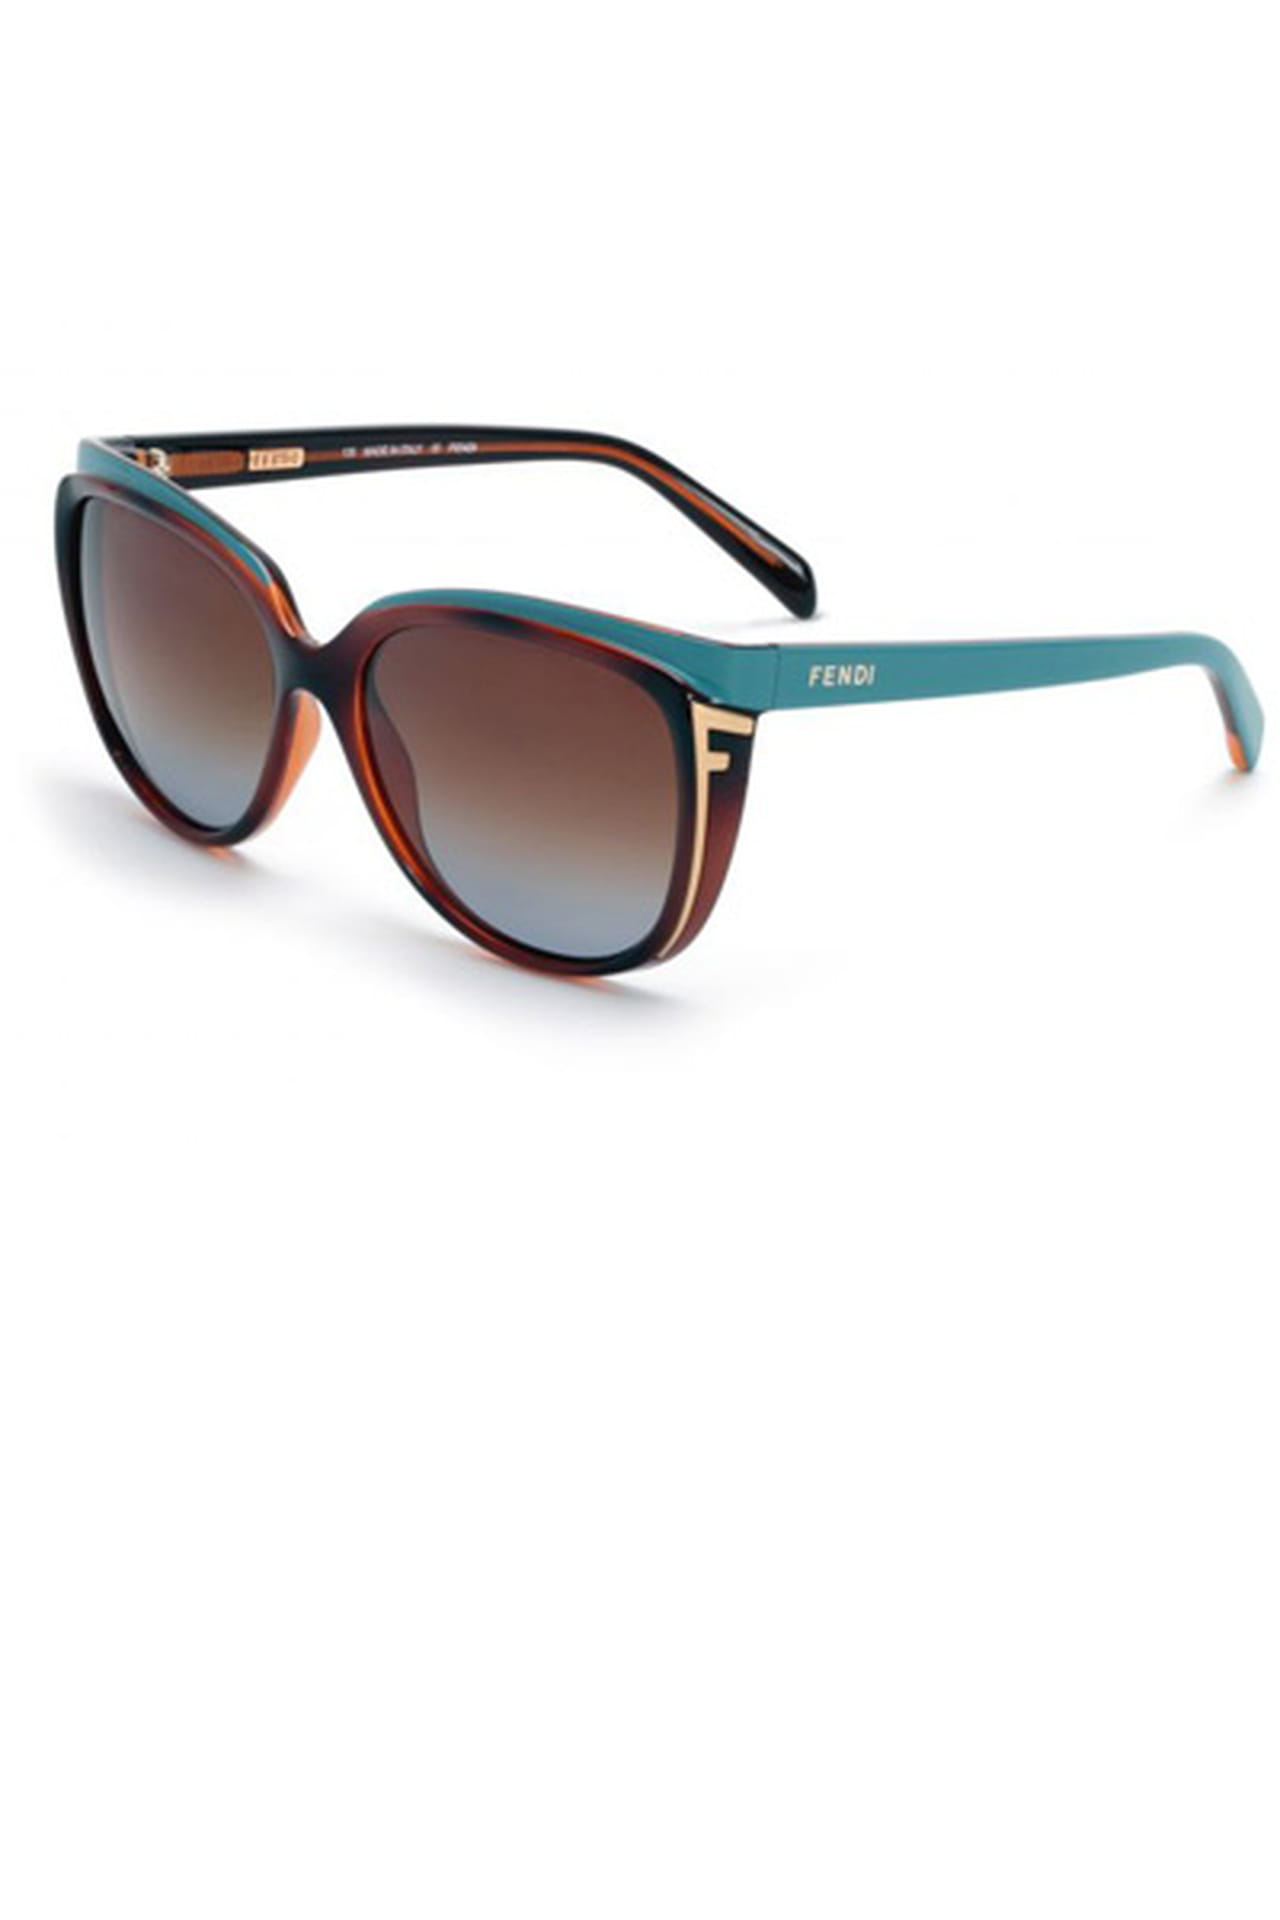 c43b90b72 نظارة شمسية ملونة من Fendi. من مجموعة Fendi لربيع وصيف 2013